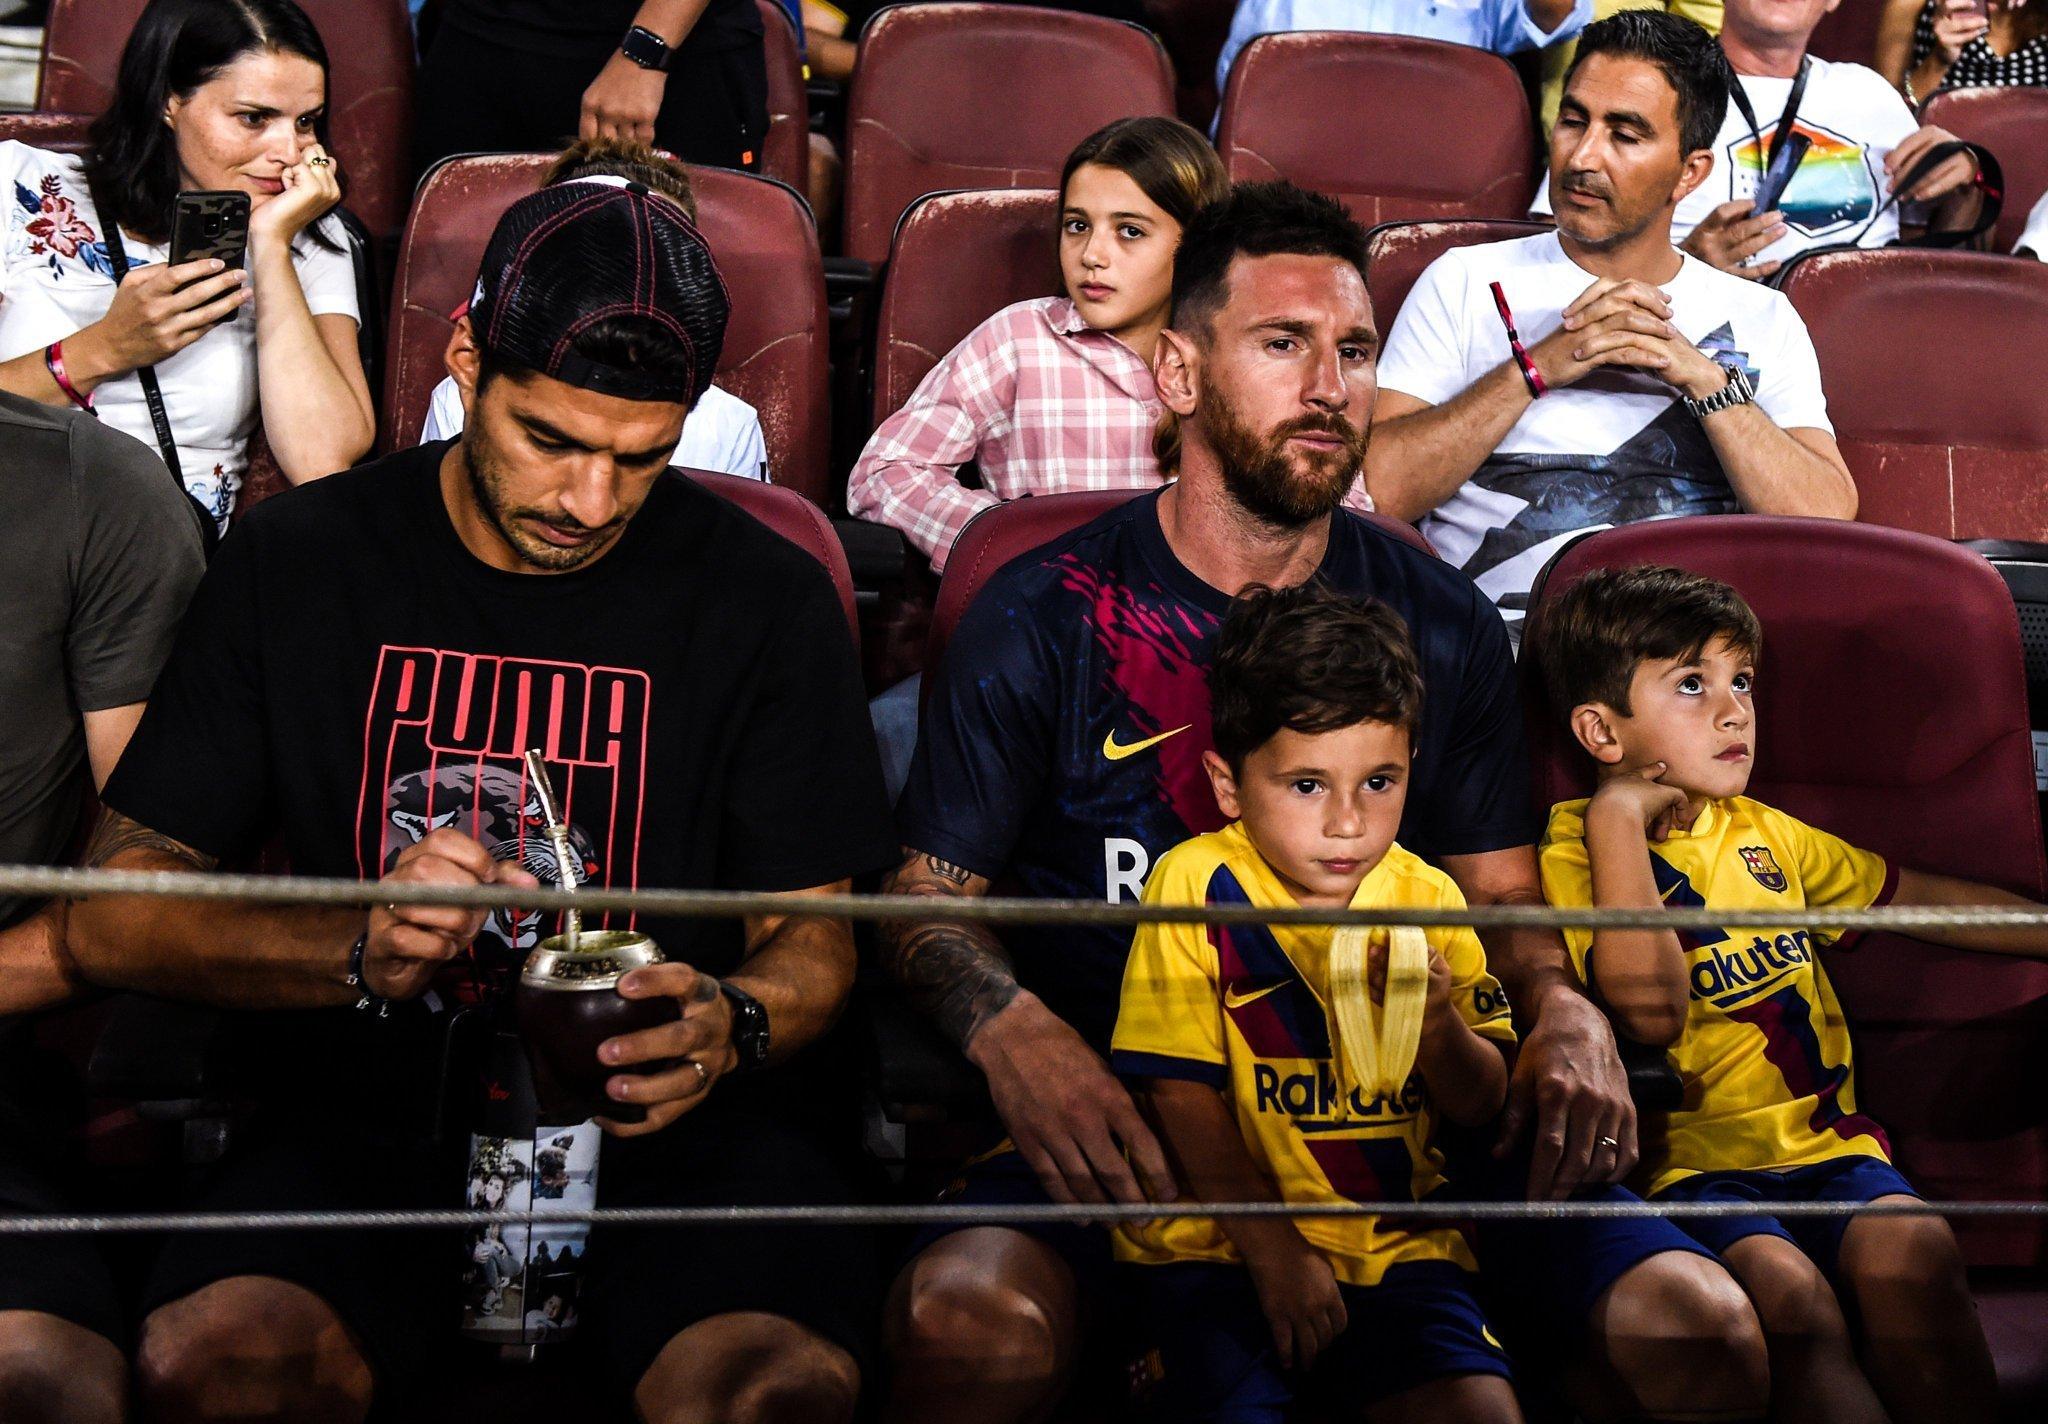 """Лионель Месси: """"Я не управляю """"Барселоной"""", я просто один из игроков"""" - изображение 8"""